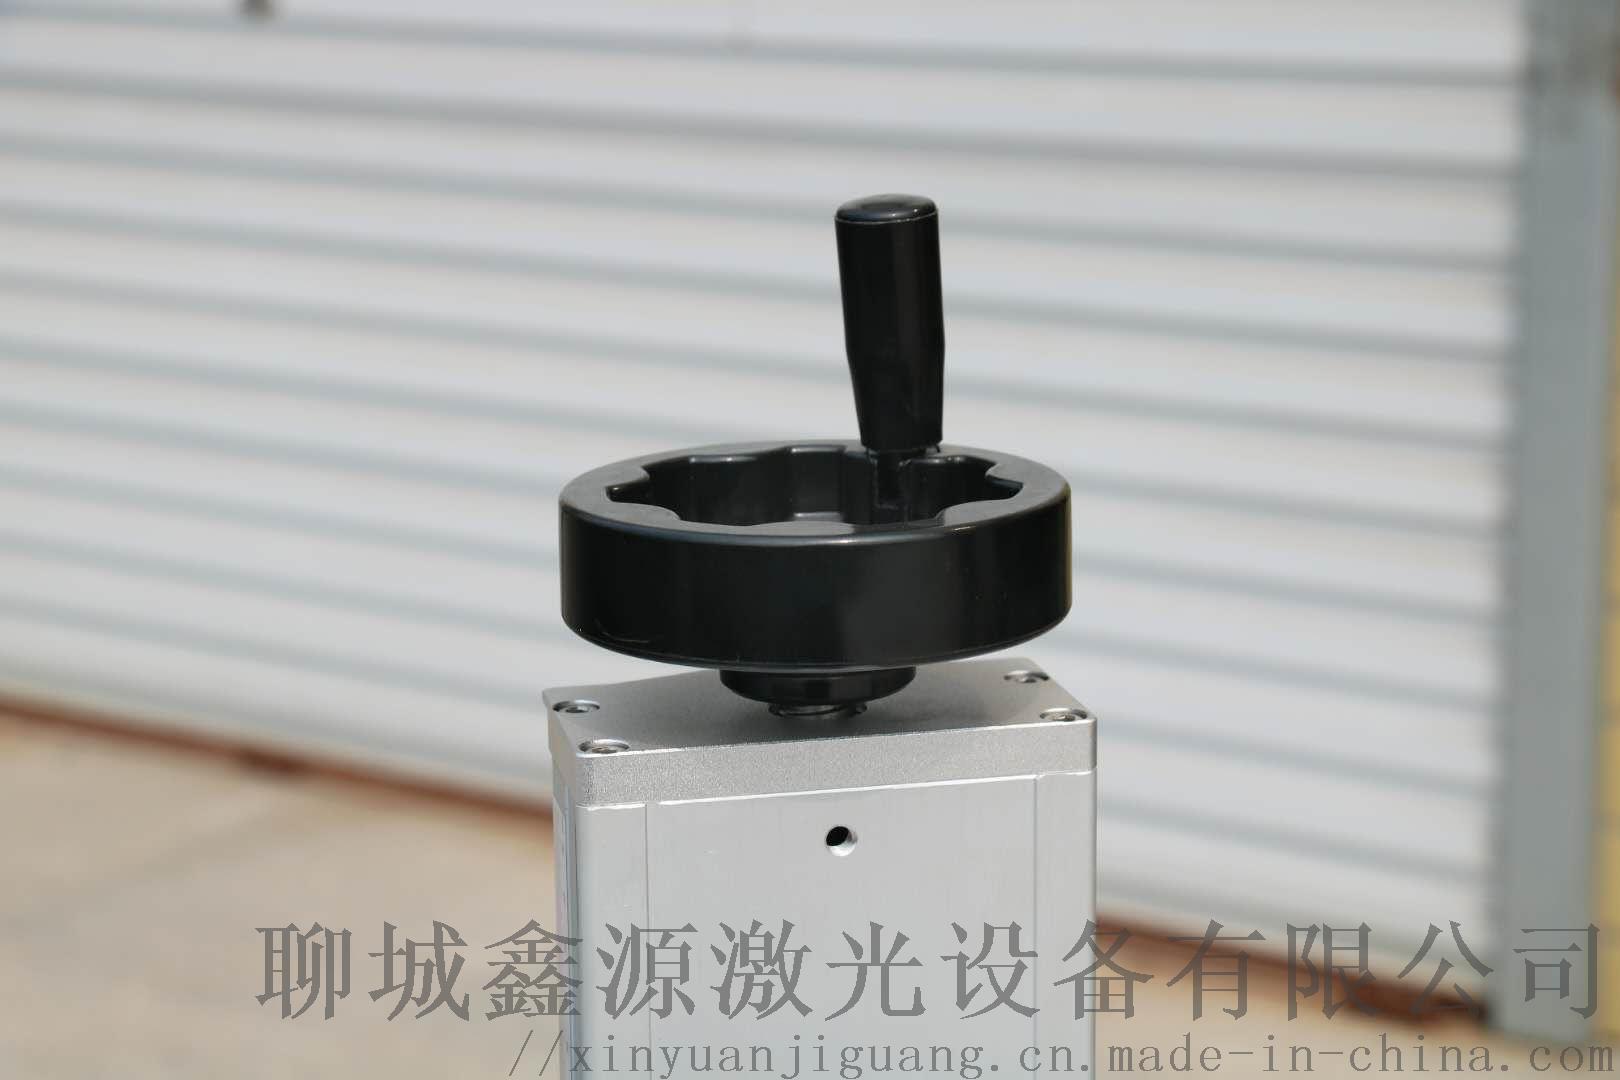 茶葉包裝商標雕刻機小型光纖鐳射打標機92857572